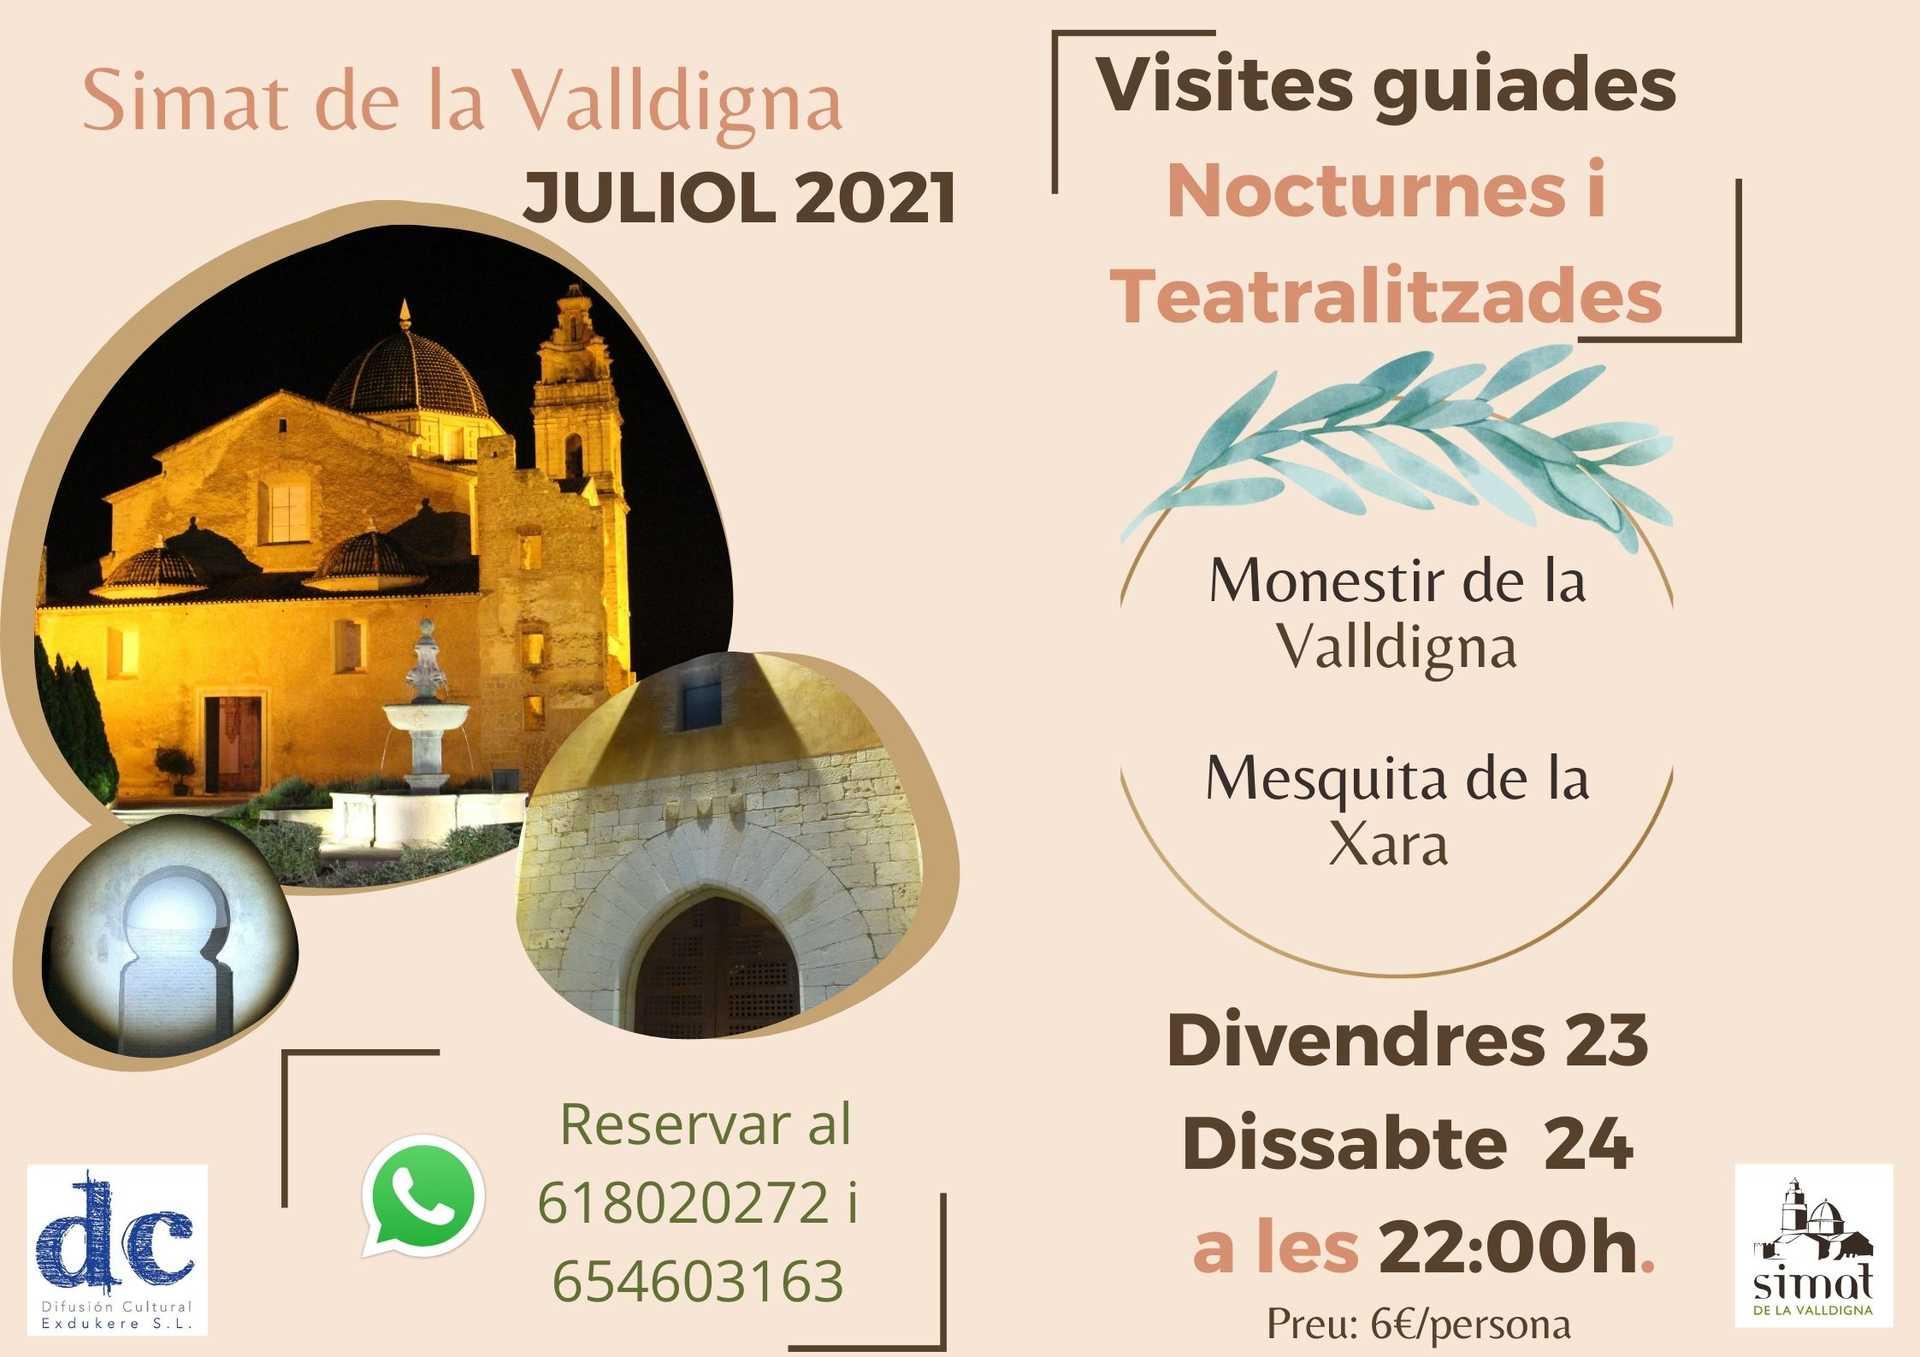 Visitas Guiadas Teatralizadas y nocturnas por Simat de la Valldigna